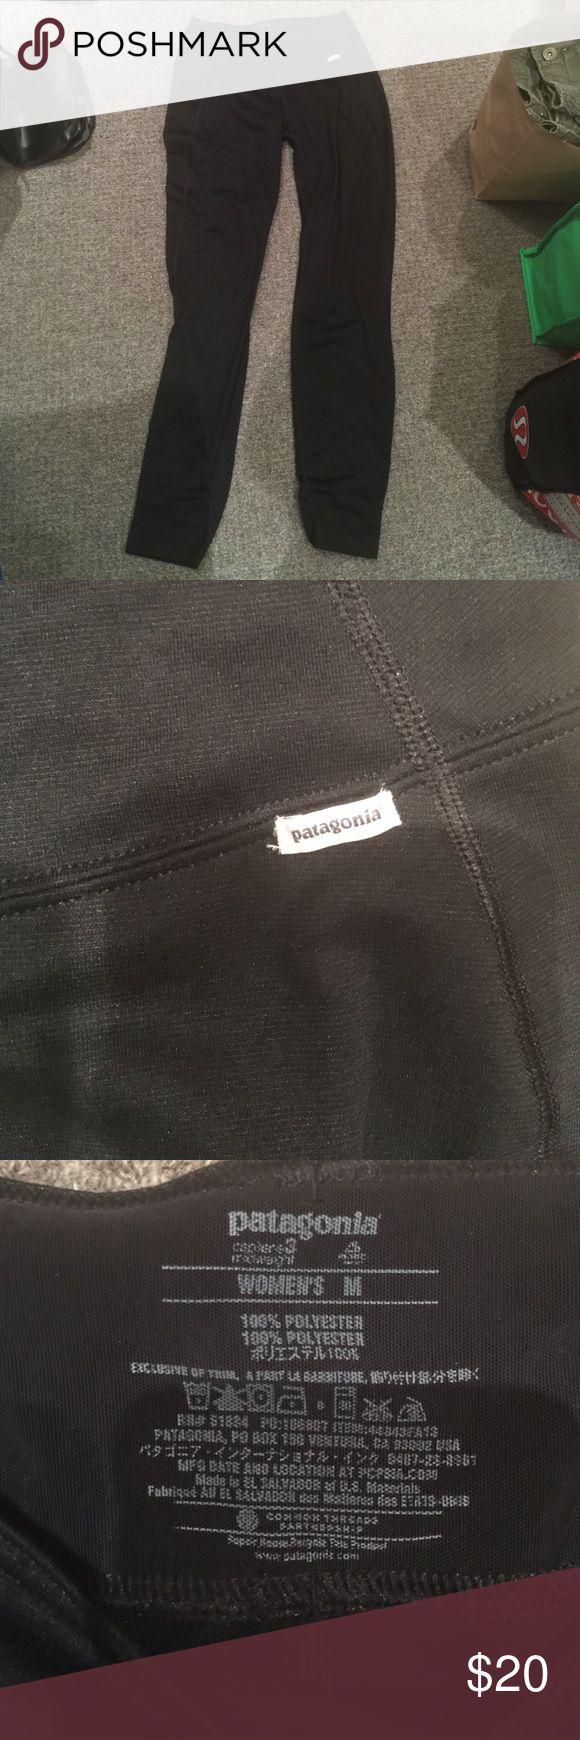 Layering leggings Patagonia layering leggings, can also be worn alone Patagonia Pants Leggings